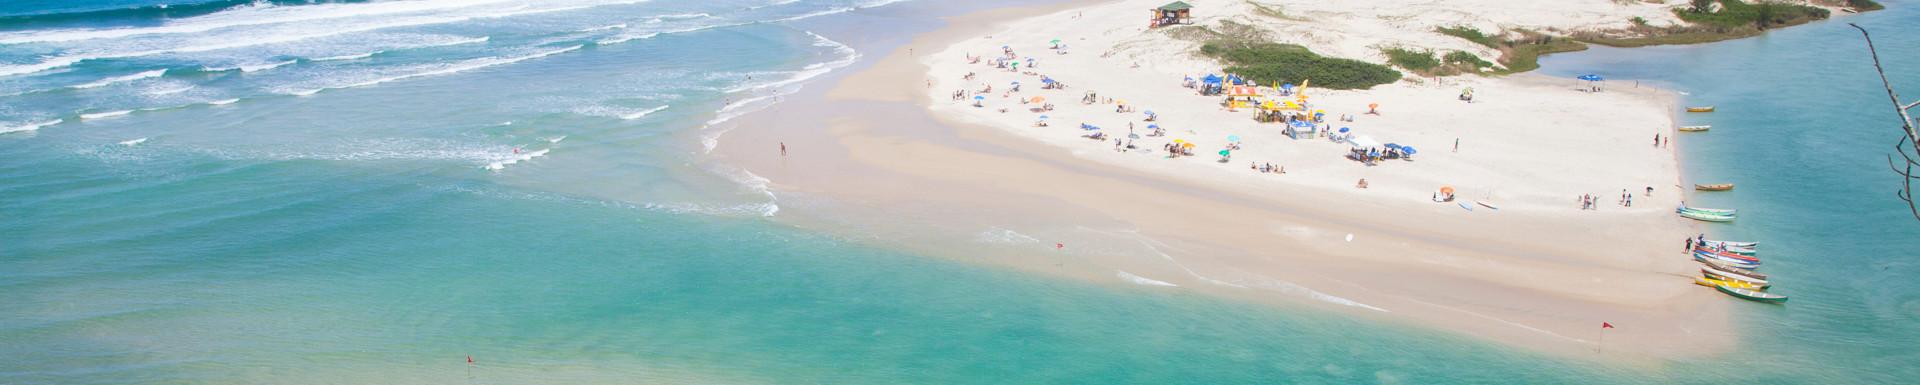 A praia da Guarda do Embaú apresenta paisagens privilegiadas e únicas, graças ao encontro do Rio da Madre com o mar. Foto: Plínio Bordin